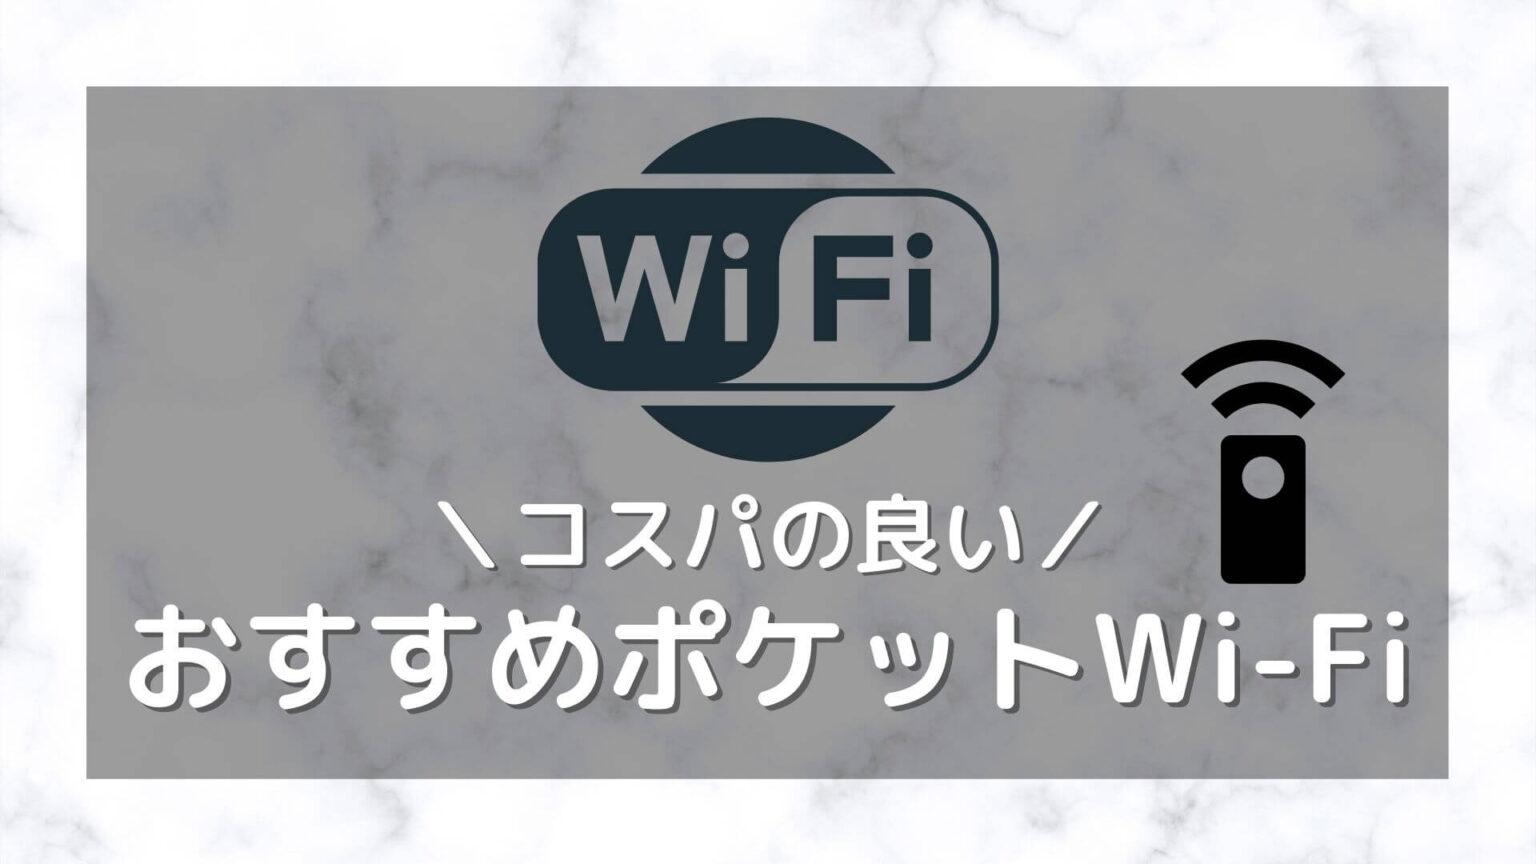 コスパ最強のポケットWi-Fiはこれ!とにかく節約したい人におすすめのワイファイベスト5